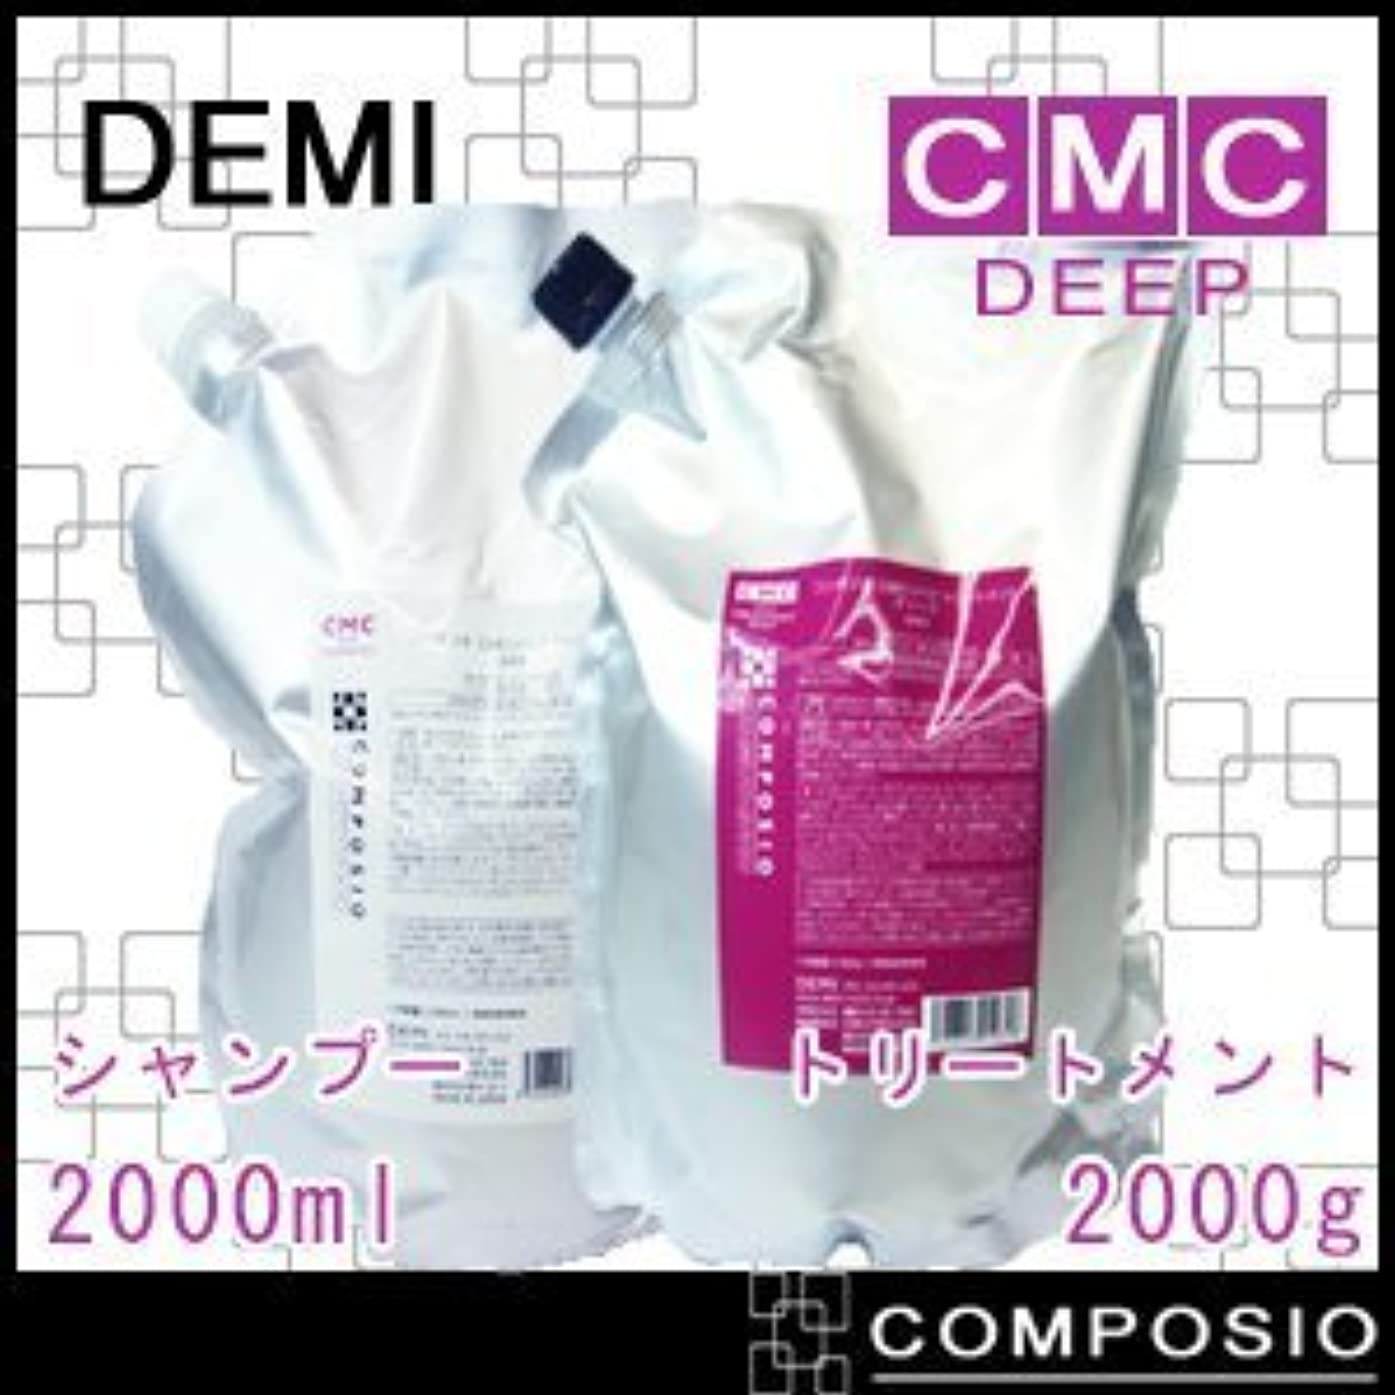 家畜効果的歯科のデミ コンポジオ CMCリペアシャンプー&トリートメント ディープ 詰替 2000ml,2000g